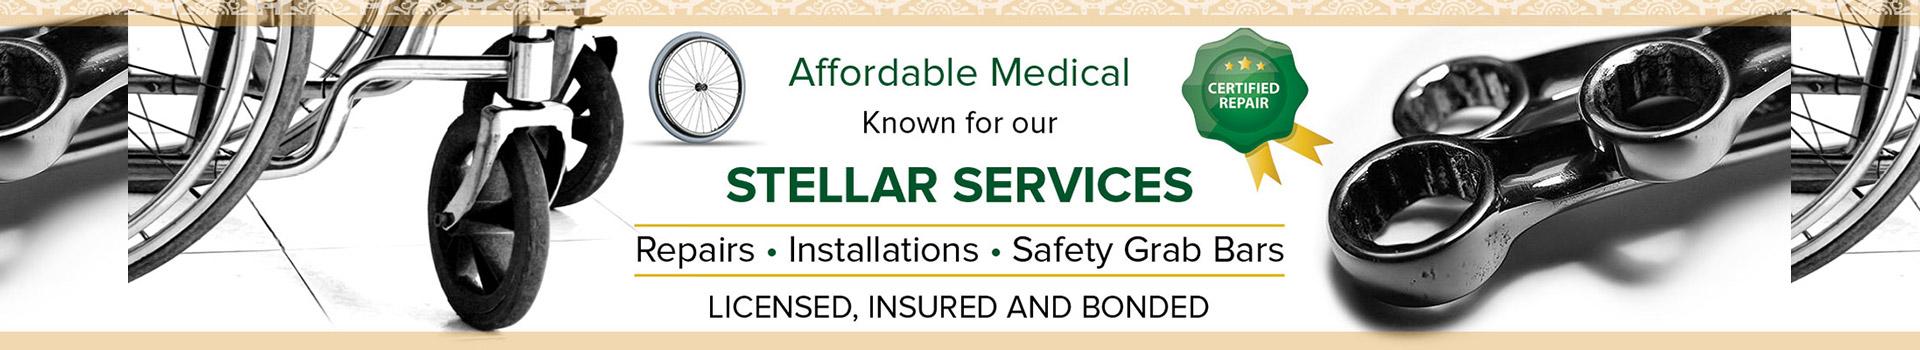 stellar-services-banner